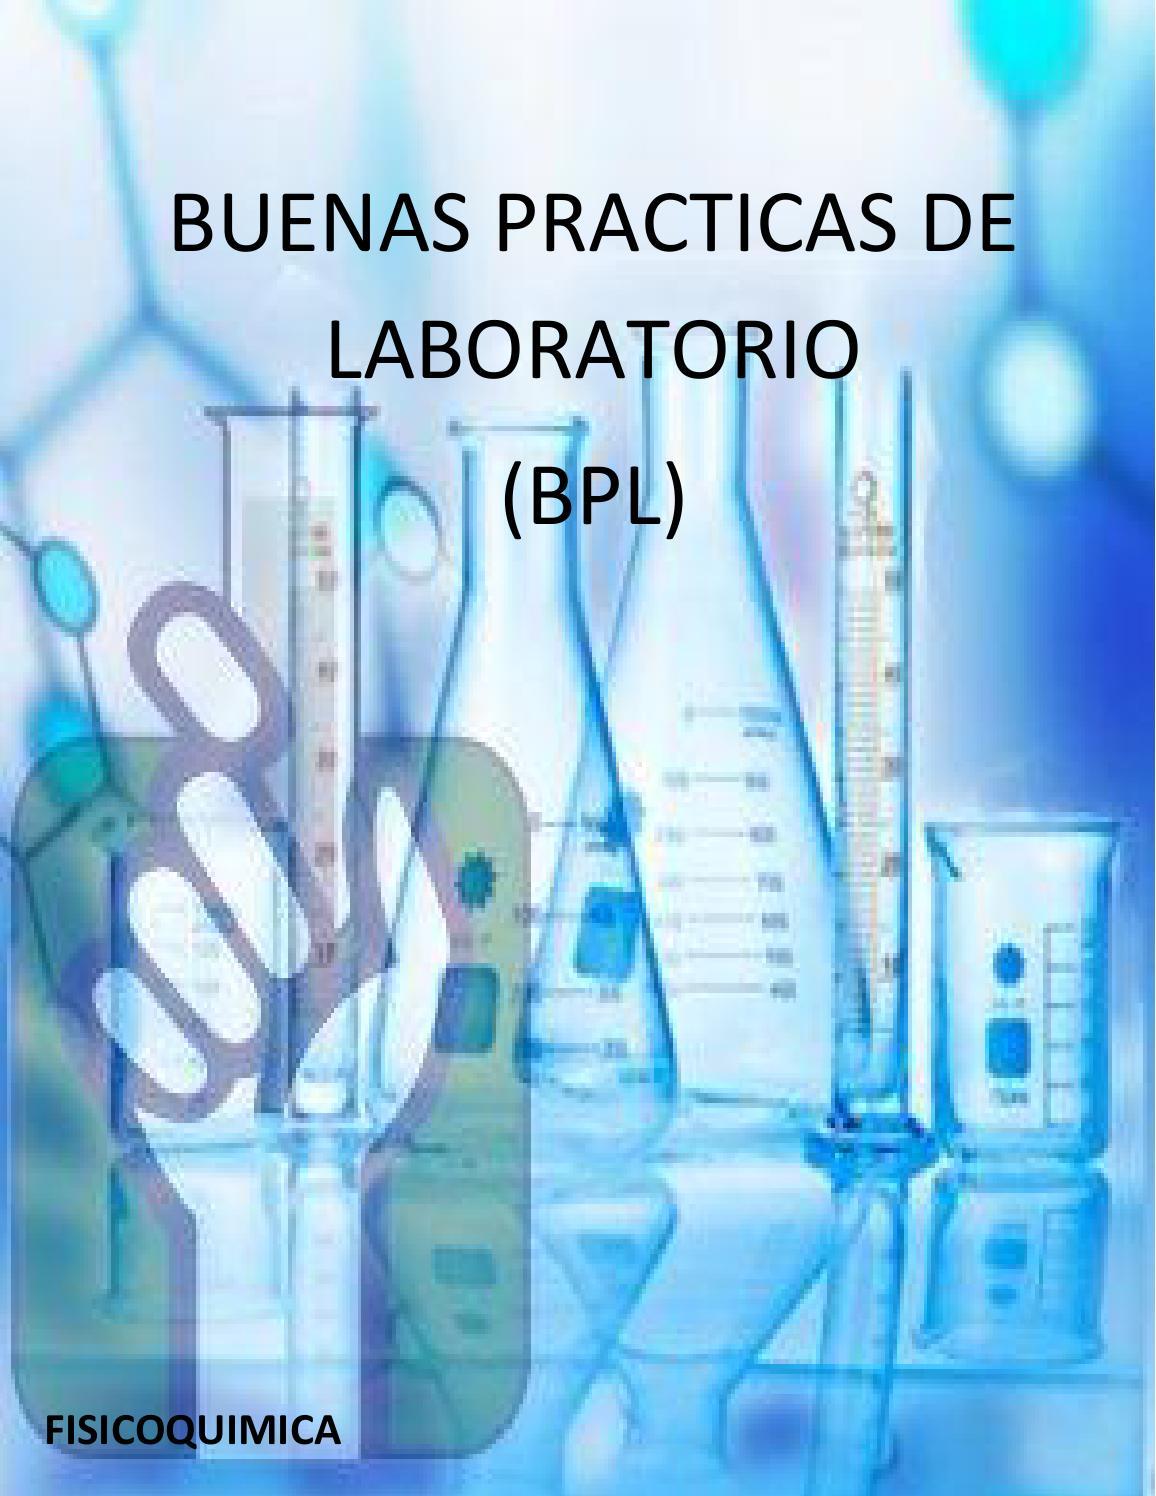 Cartilla de buenas practicas de laboratorio by jeimy parra